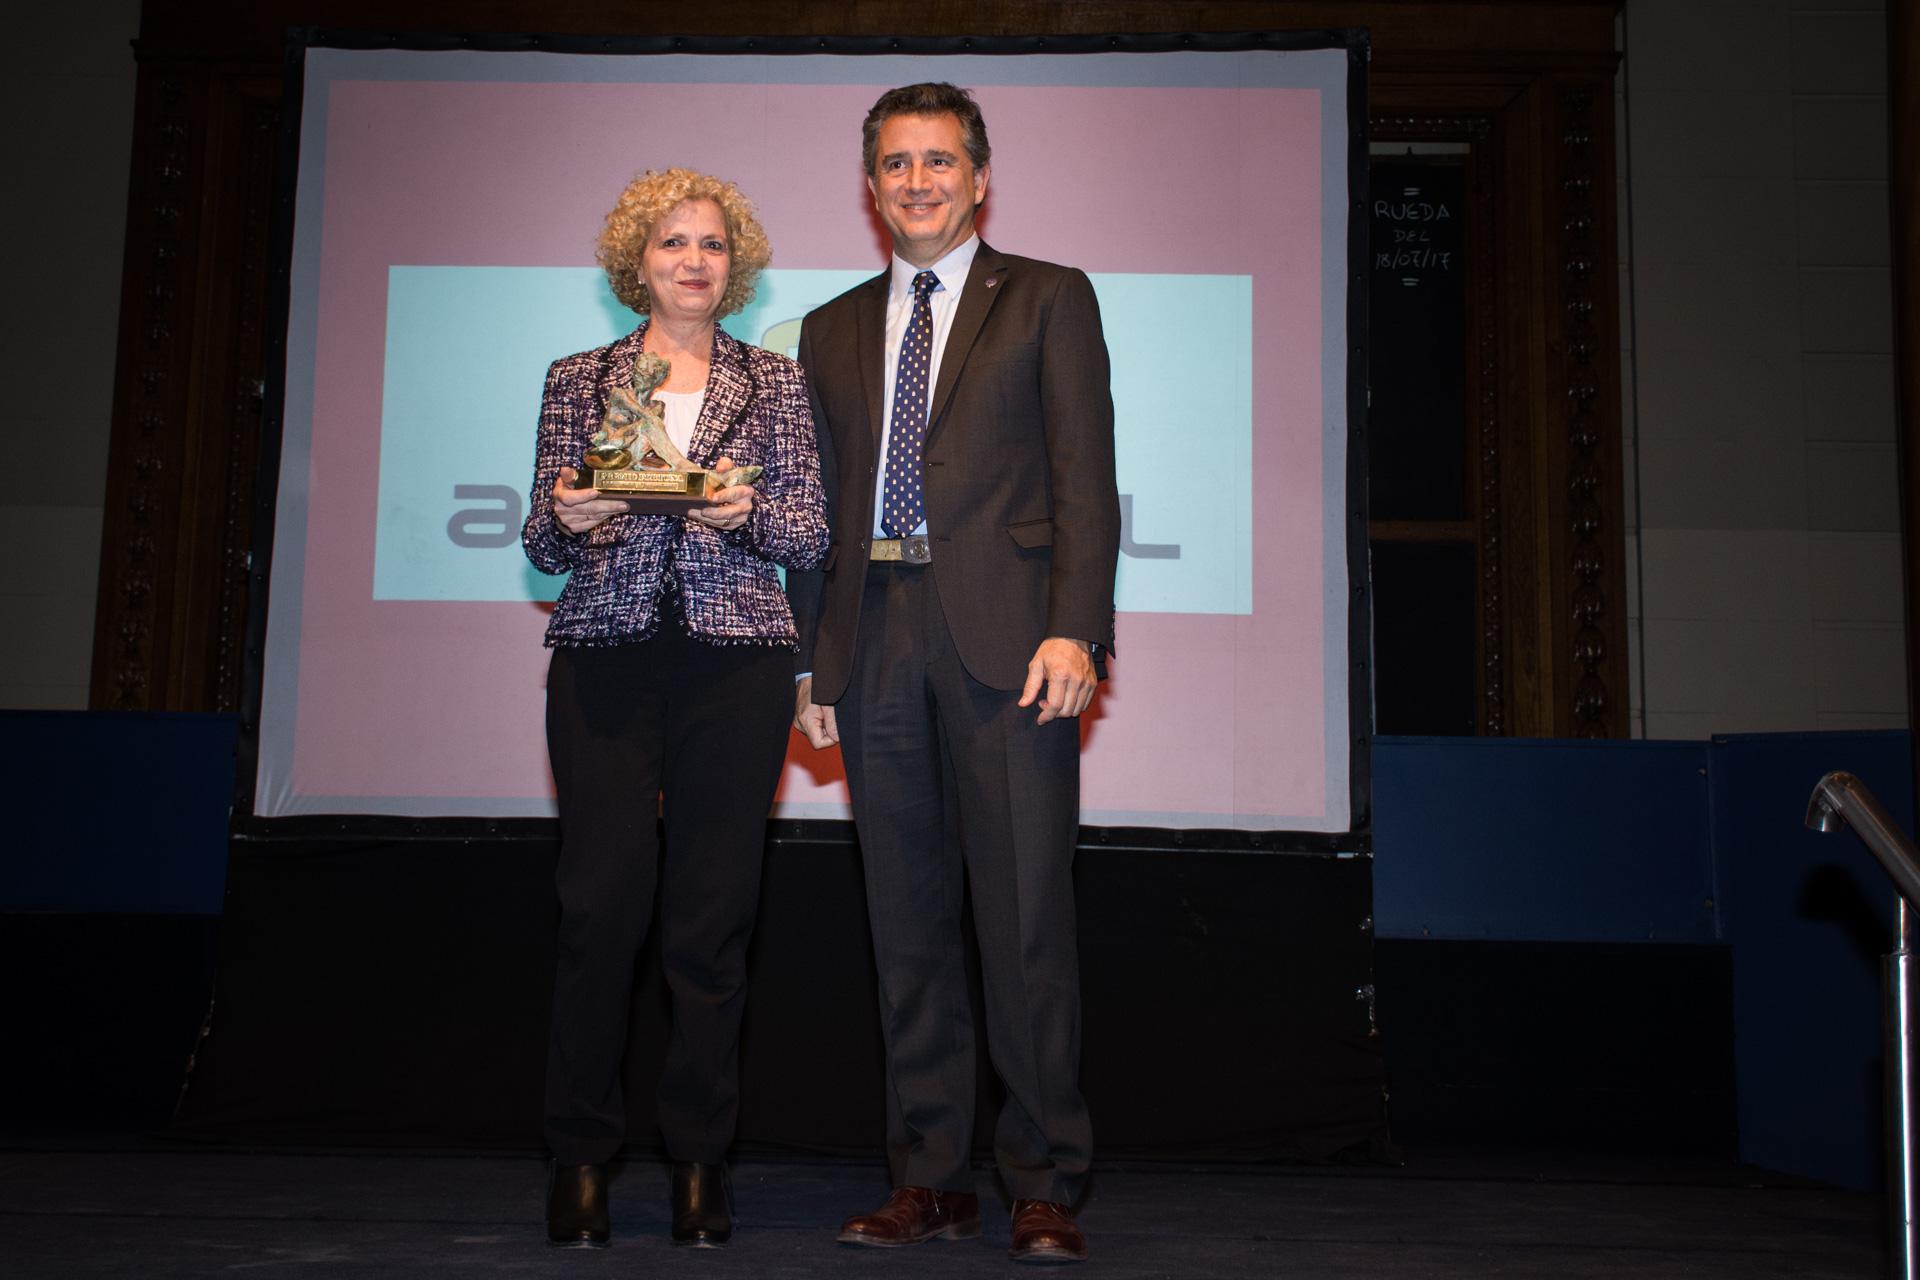 Agrometal fue elegida la Mejor Empresa Agropecuaria y Agroindustrial. El premio fue recibido por su presidente, Rosana Negrini, y entregado por Luis Miguel Etchevehere, presidente de la Sociedad Rural Argentina